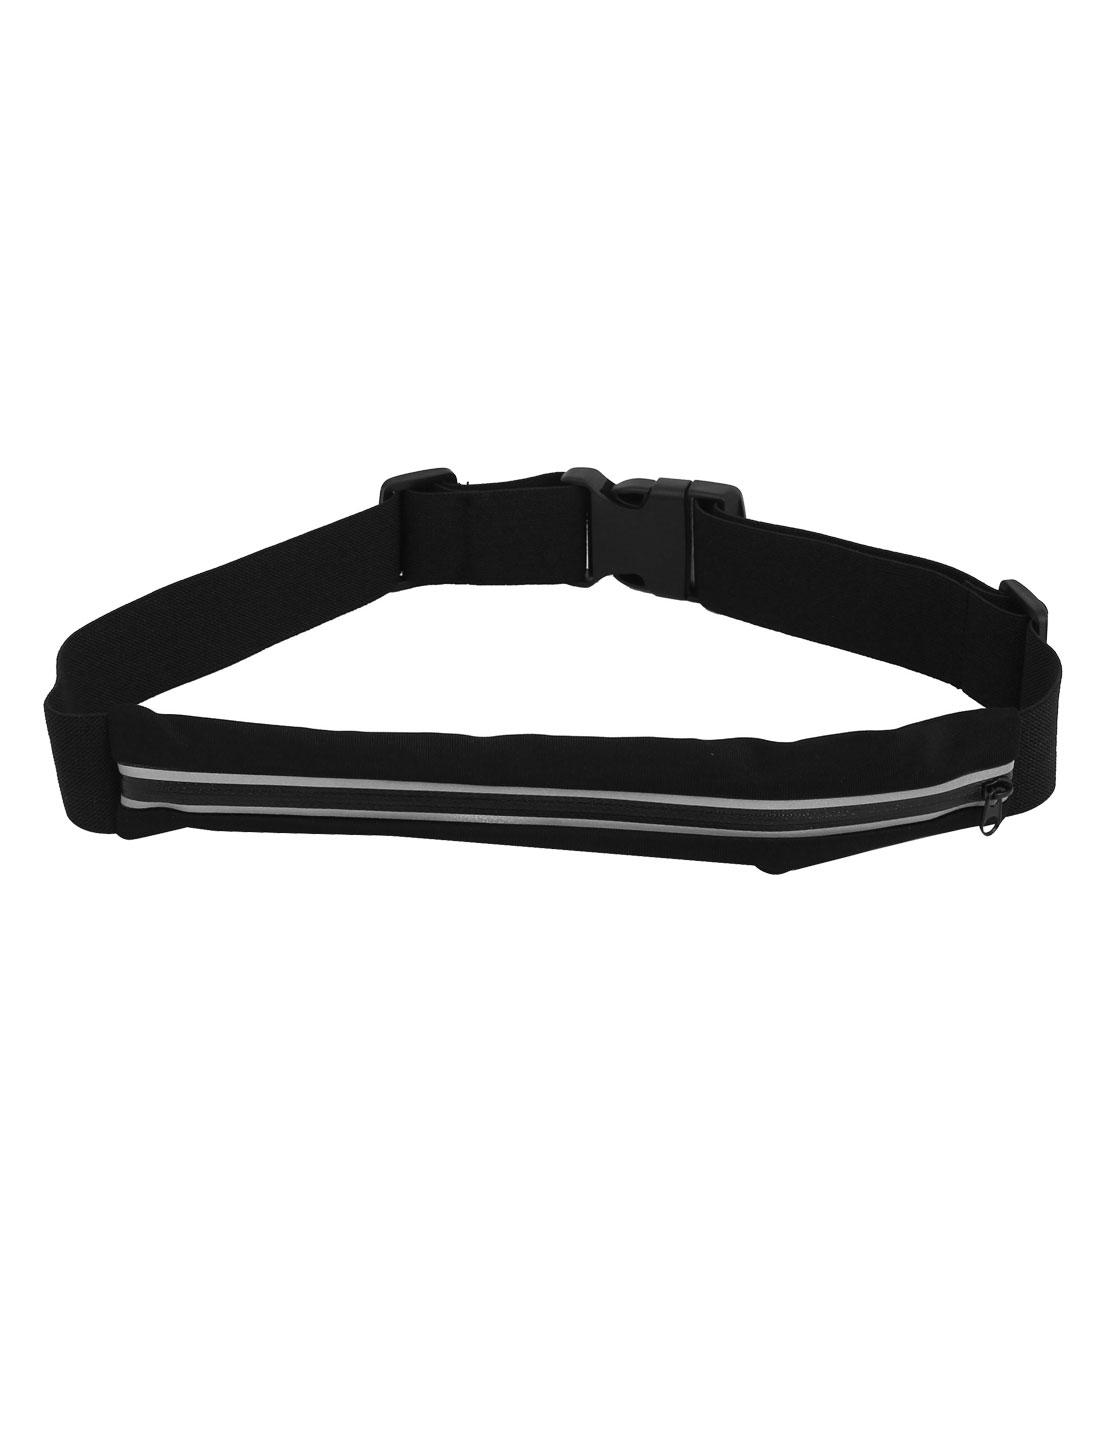 Elastic Reflective Safety Zipper Closure Runner Waist Bag Pouch Wallet